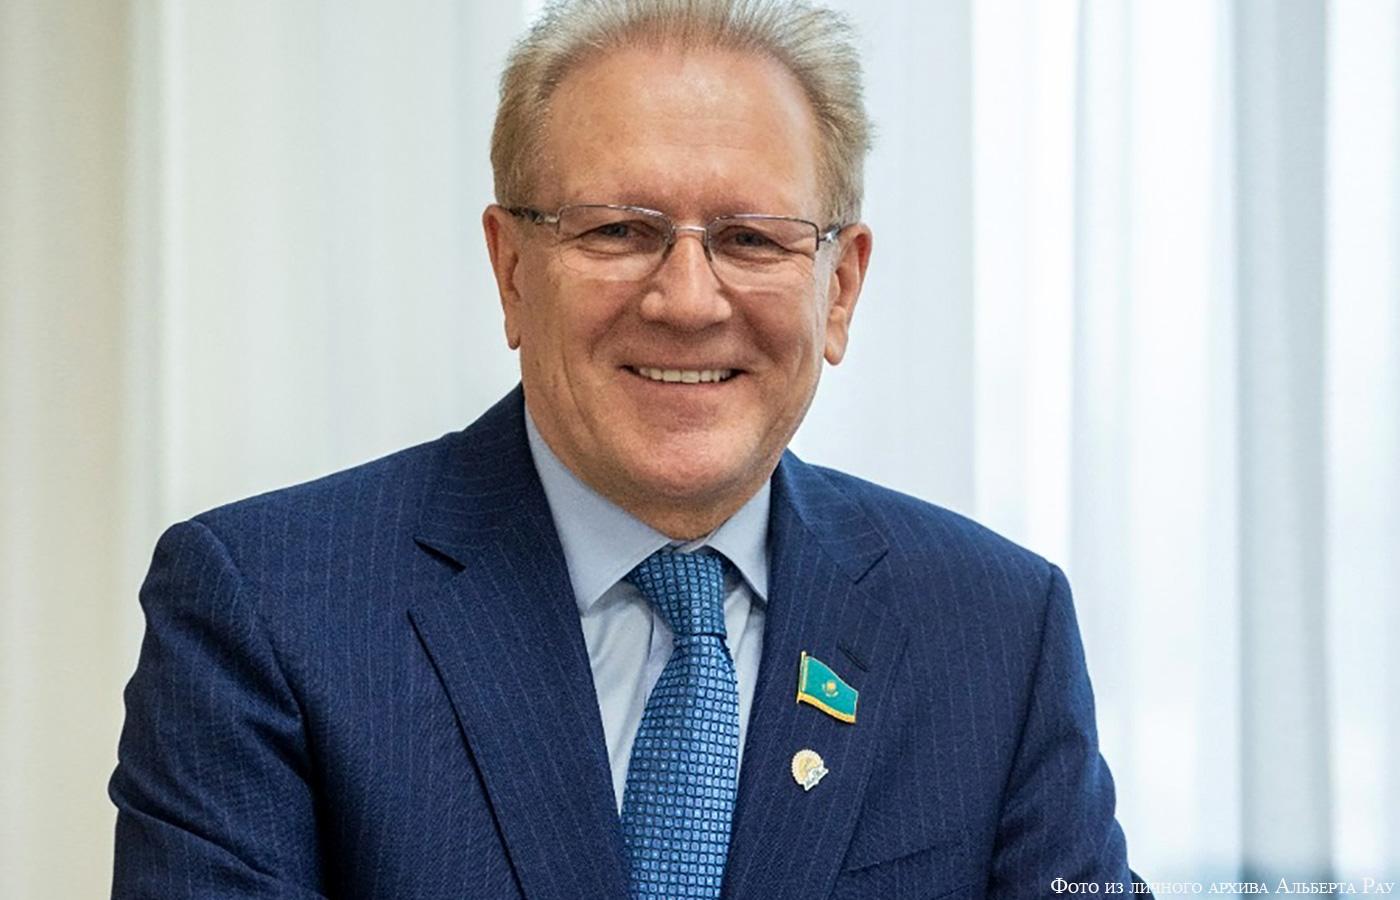 Альберт Рау утвержден в качестве депутата Мажилиса Парламента РК